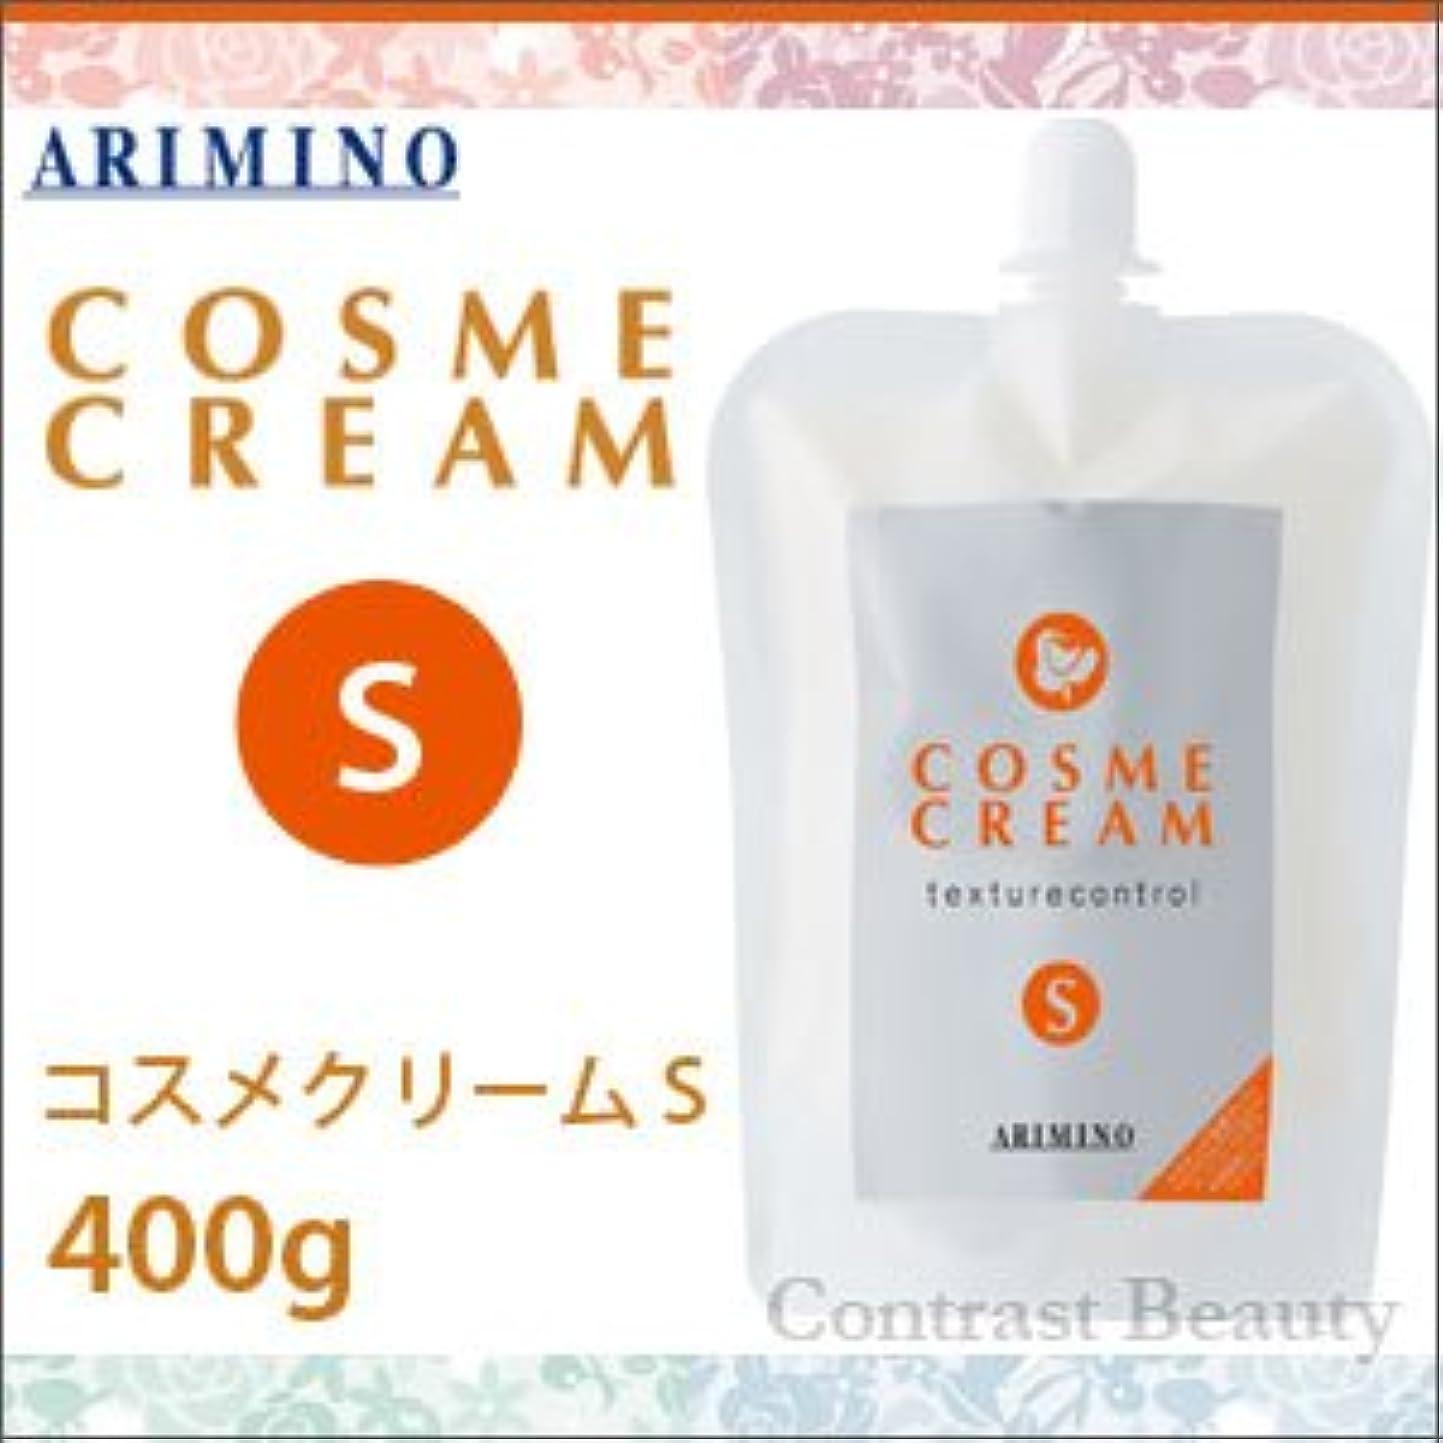 ほのめかす多様な無限大アリミノ コスメクリーム S 400g